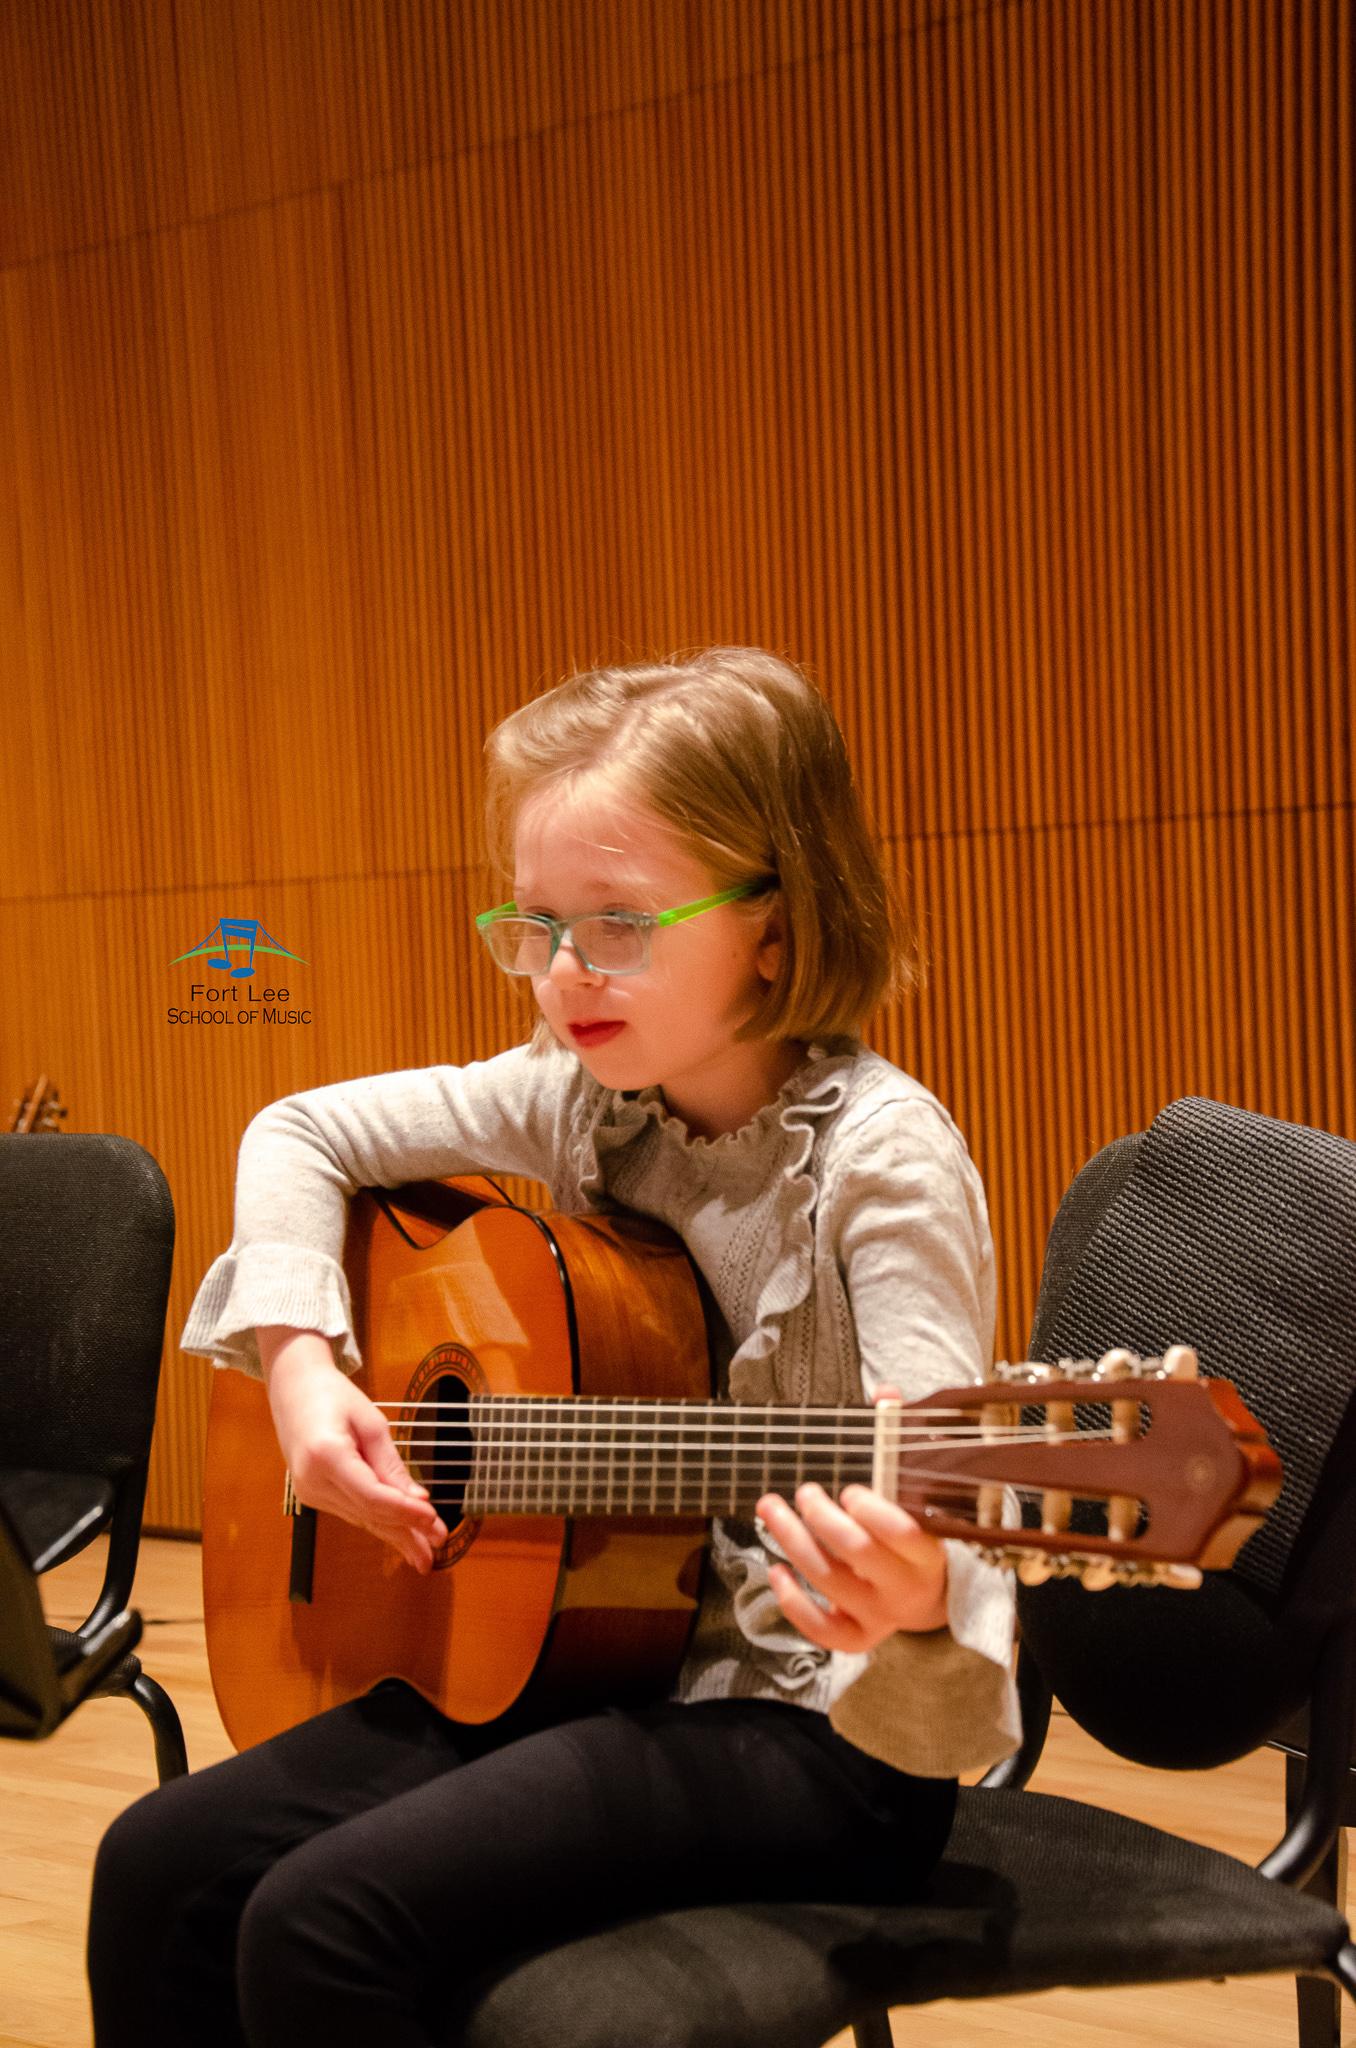 guitar-school-near-me.jpg